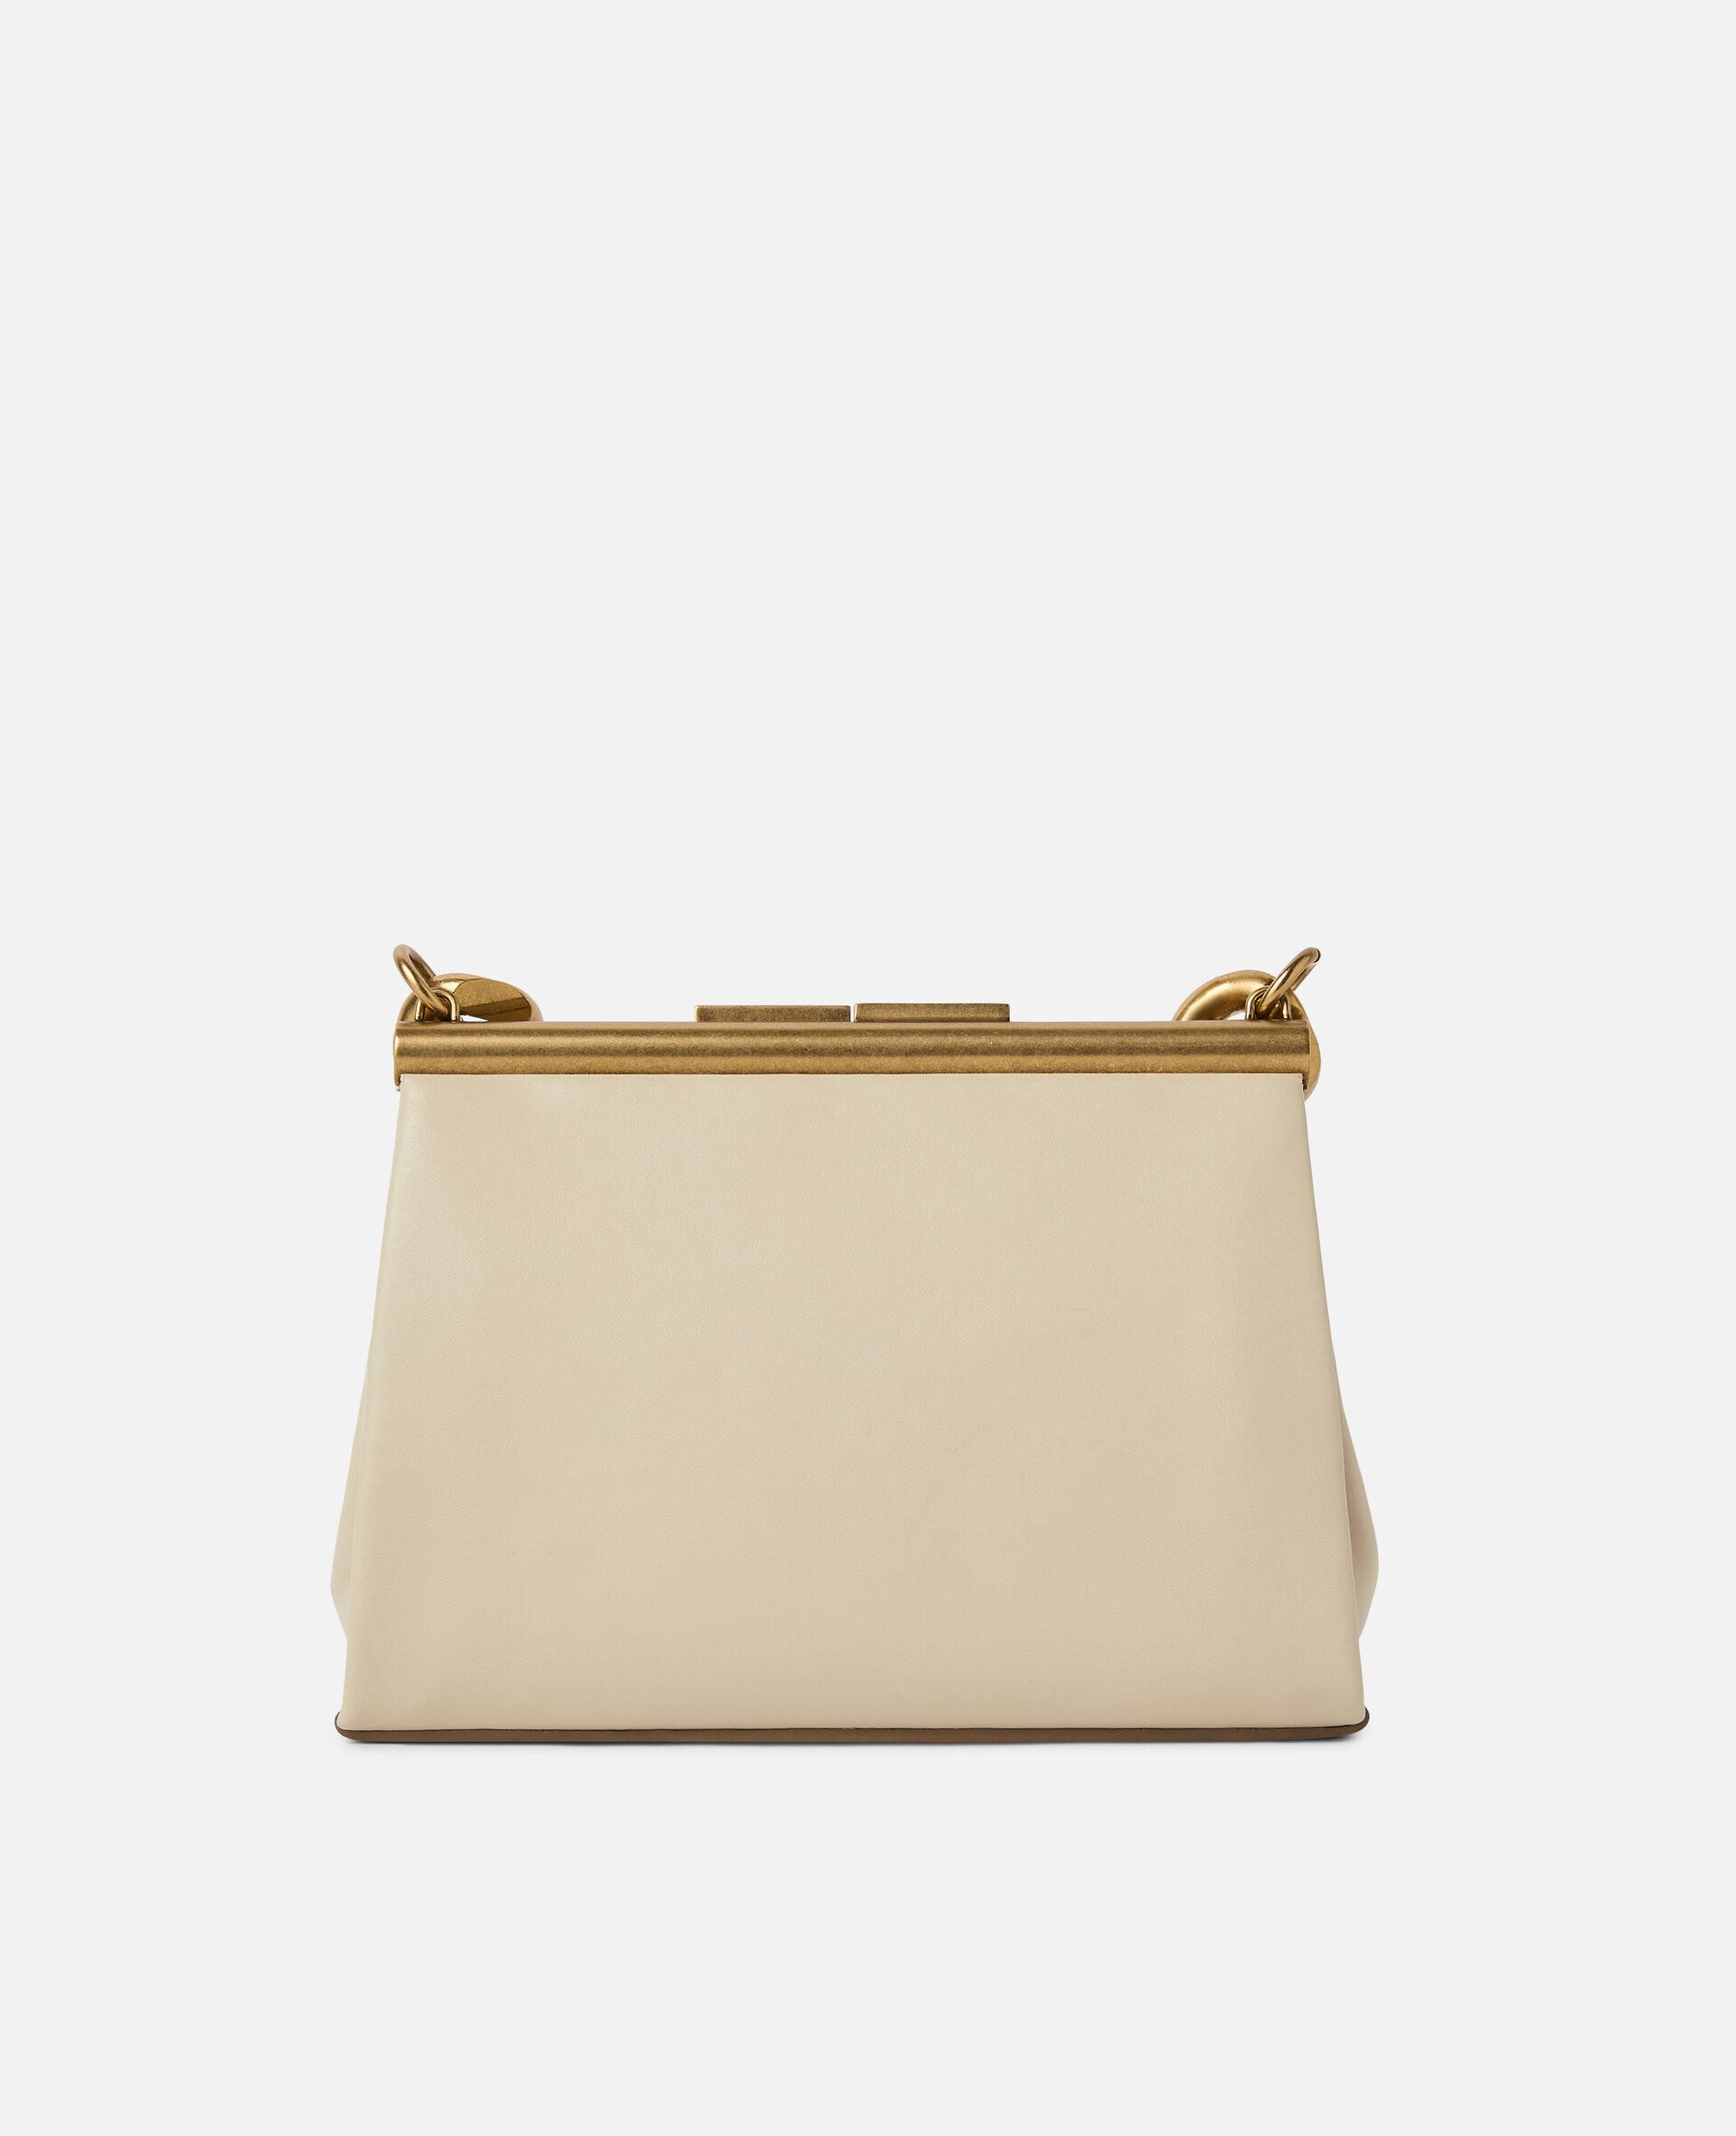 Petit sac avec bandoulière chaîne épaisse-Blanc-large image number 2